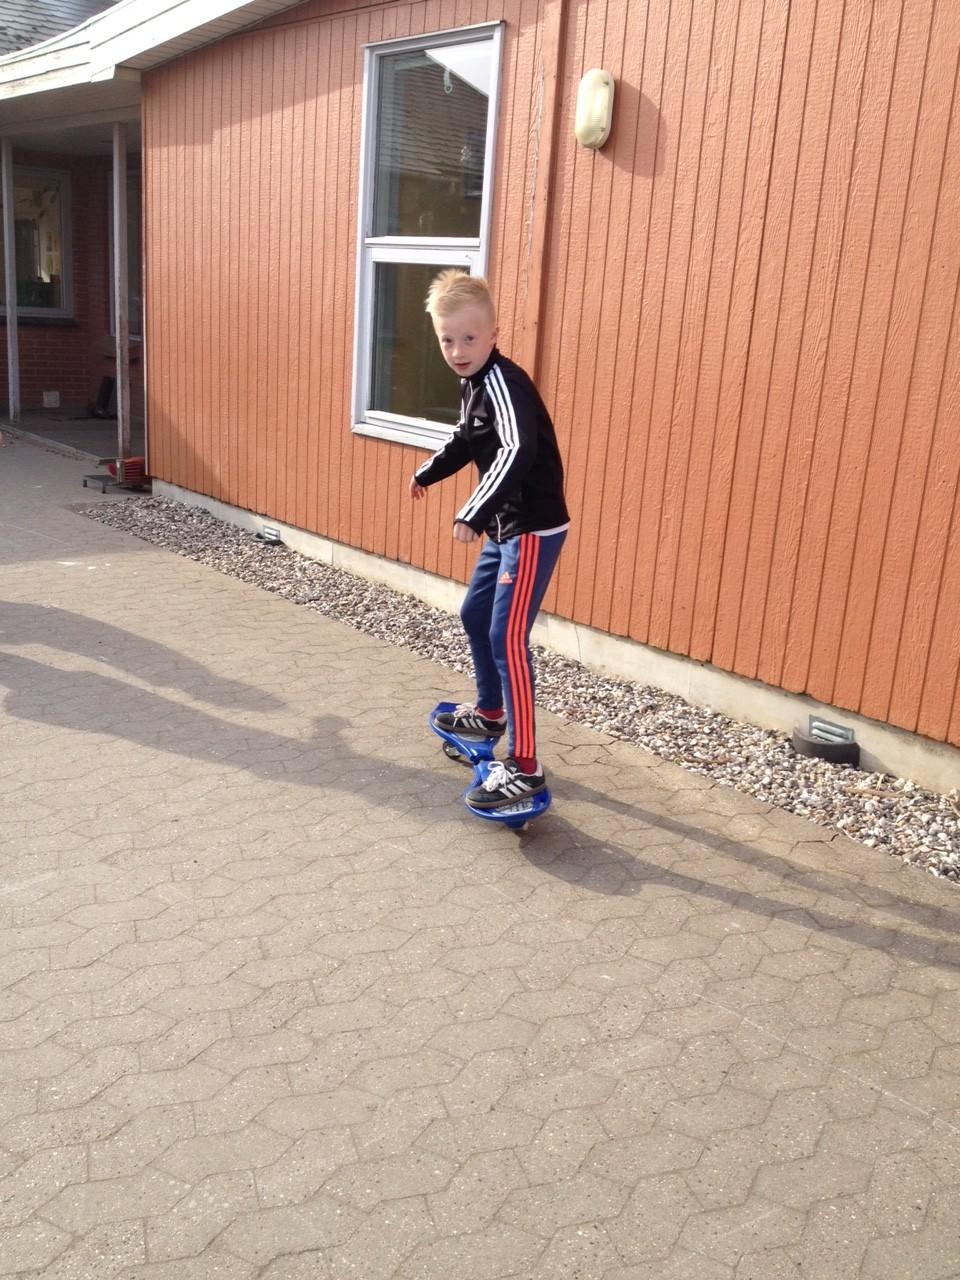 Dreng på skateboard